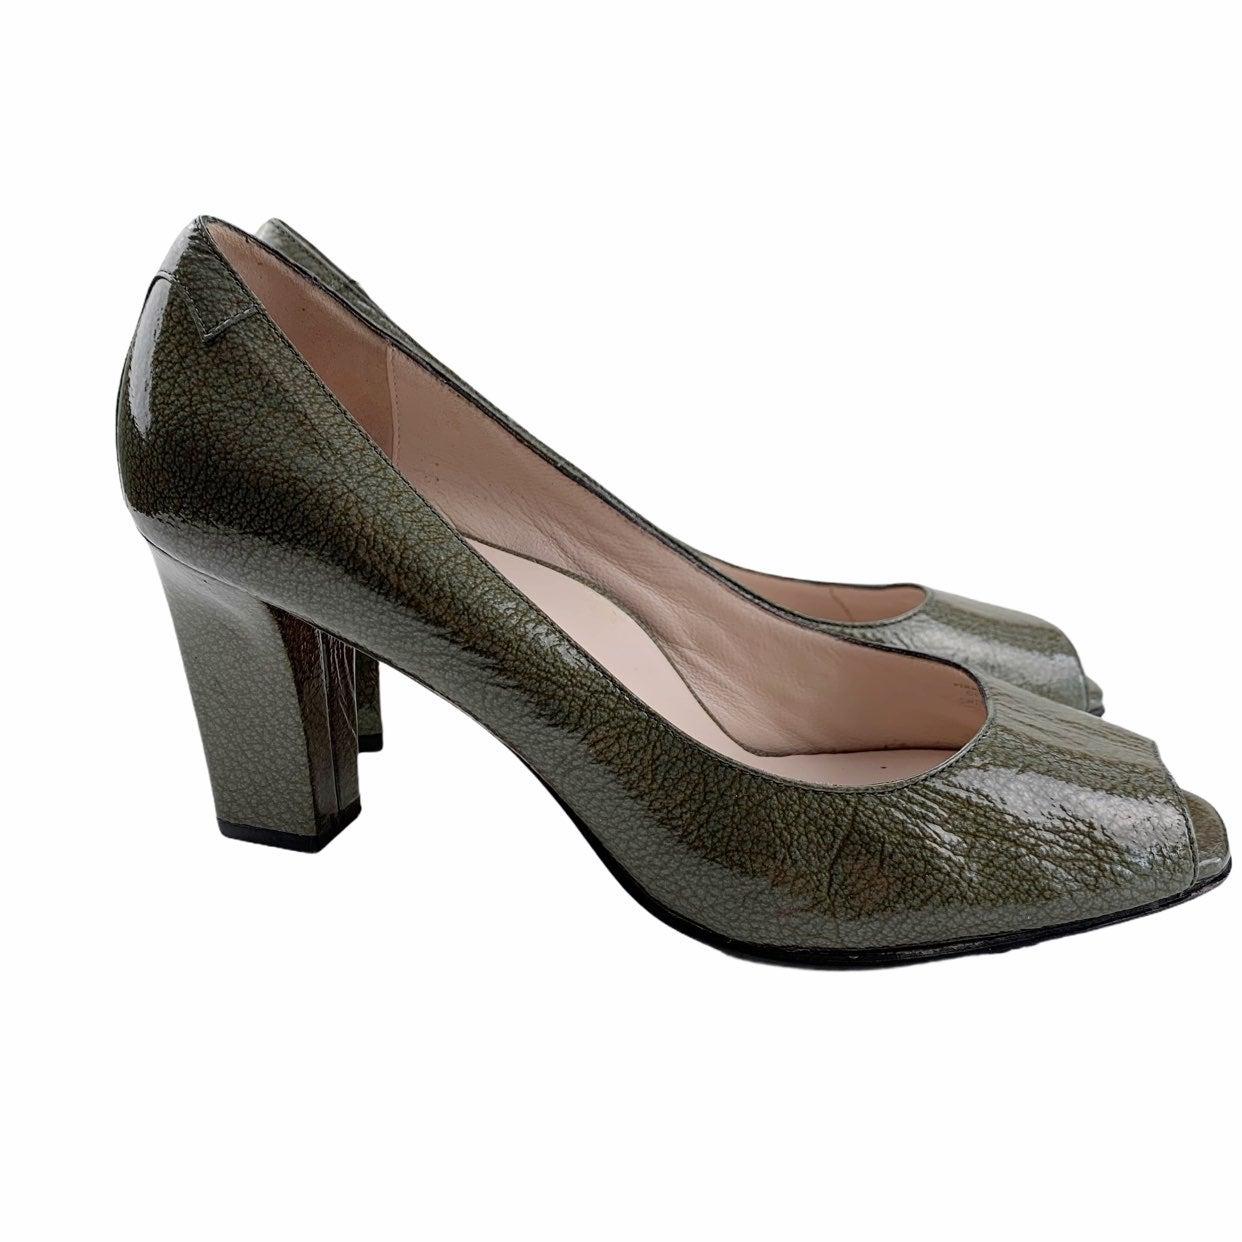 Taryn Rose Peep Toe Patent Leather Heels